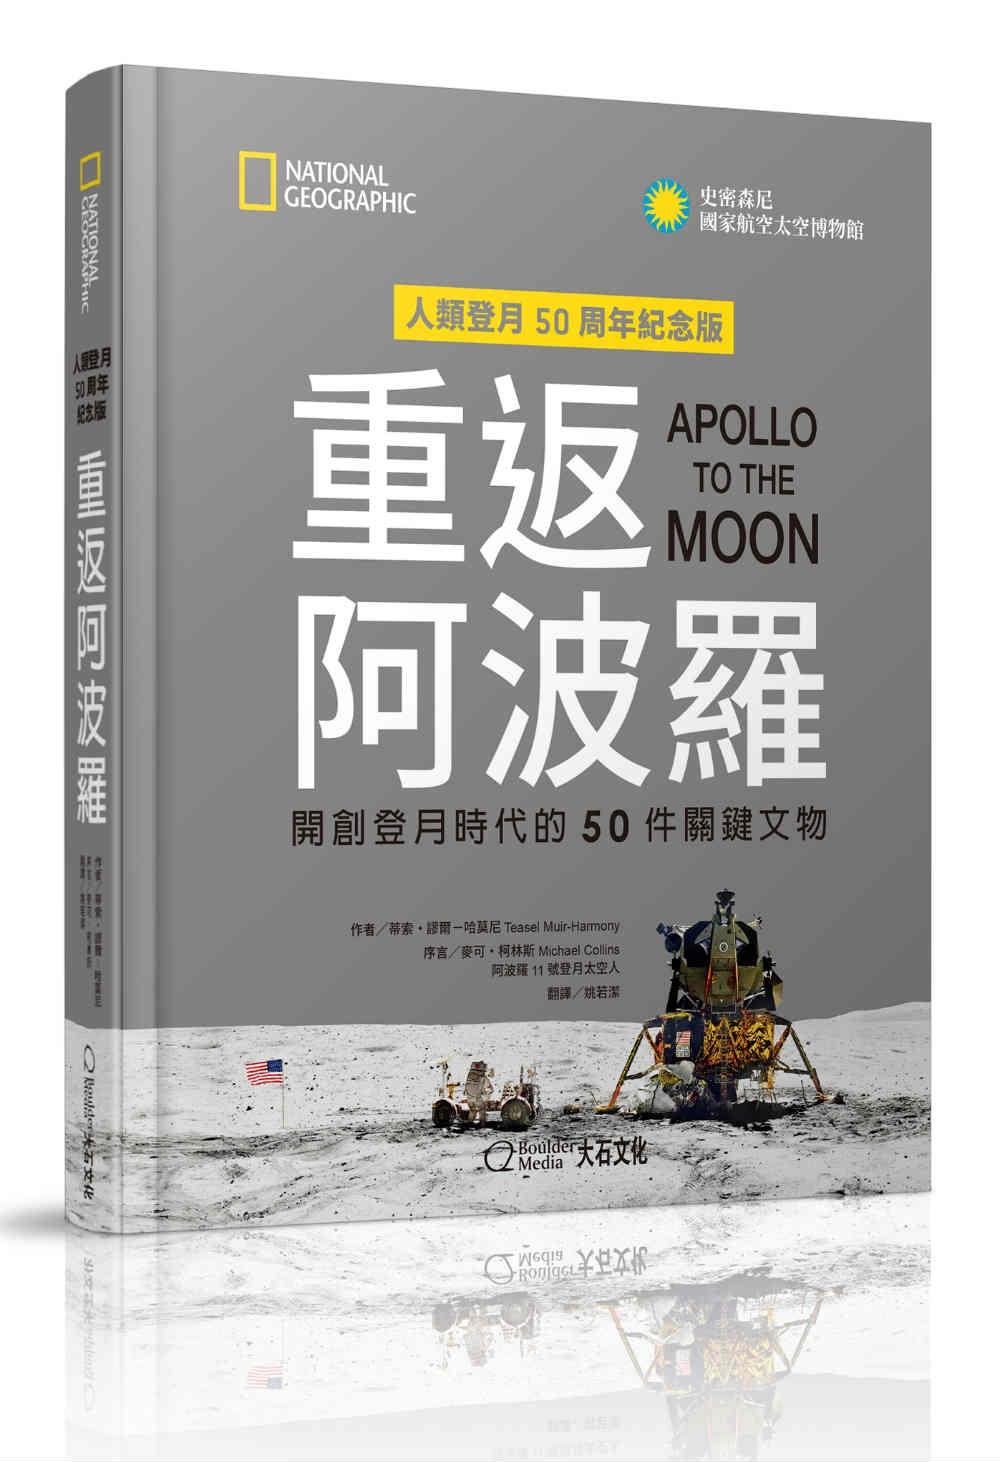 《重返阿波羅》沒有失敗的 機會……